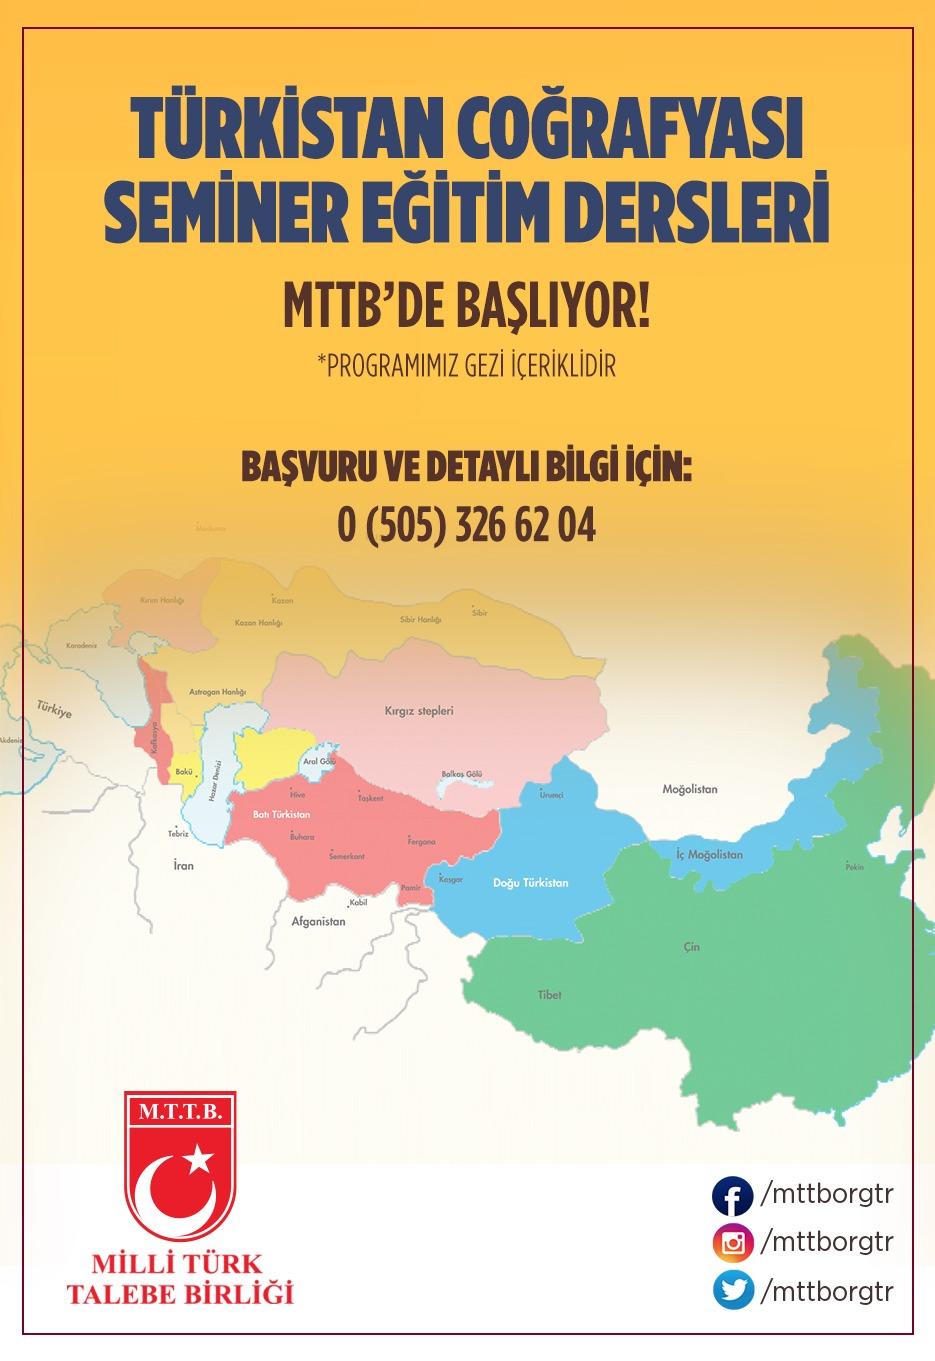 Türkistan Coğrafyası Seminer Eğitim Dersleri